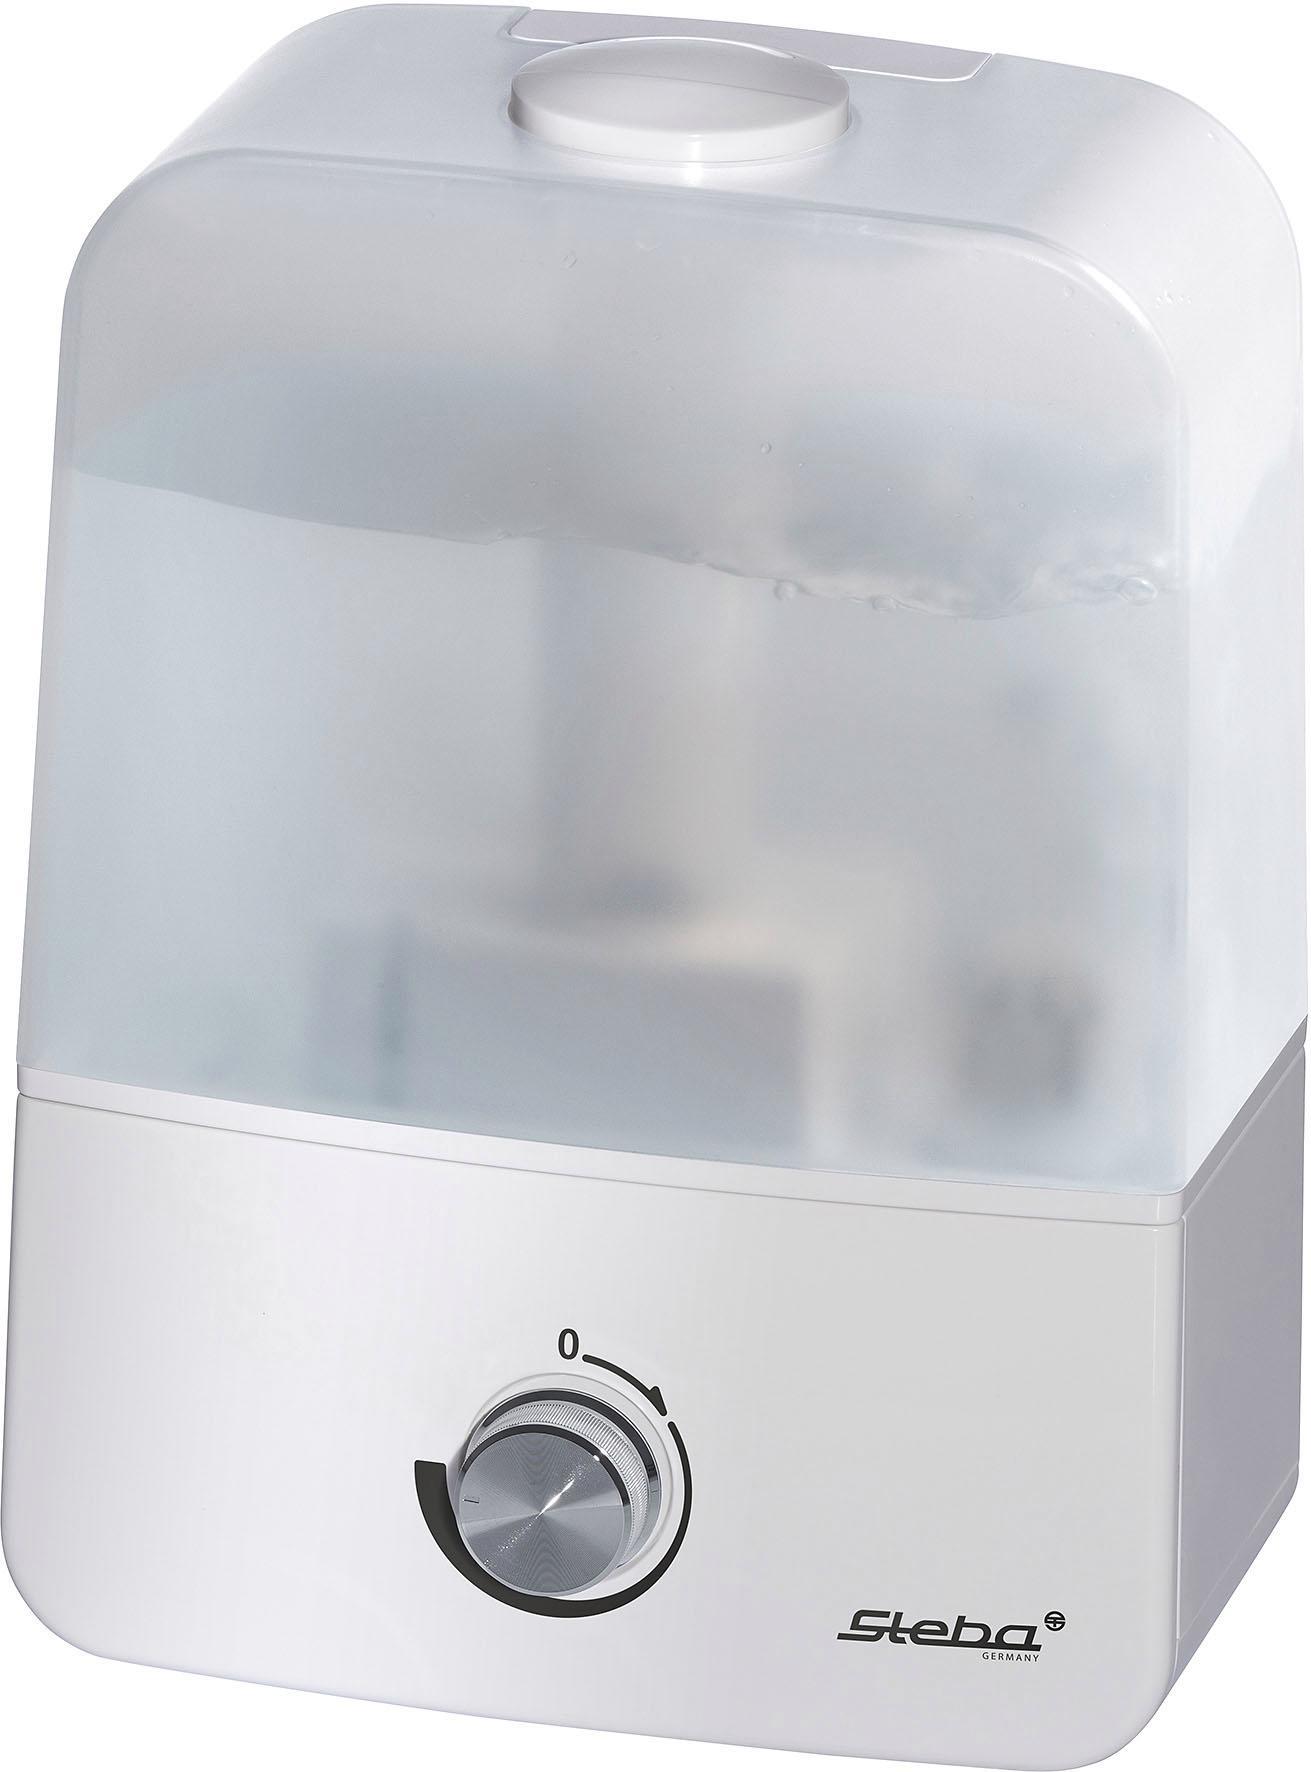 Steba Luftbefeuchter LB 9, 3,5 l Wassertank günstig online kaufen